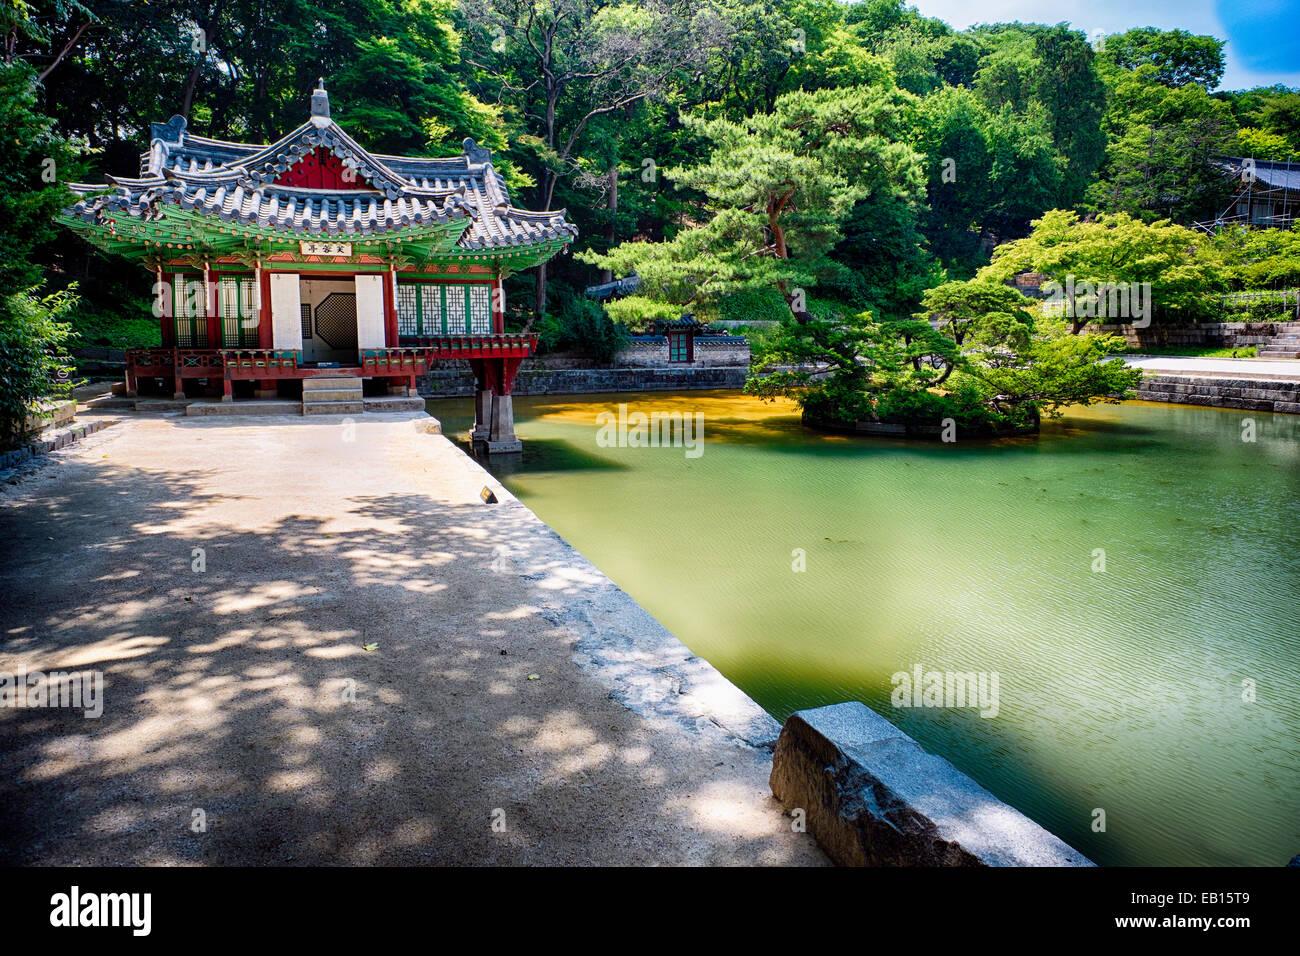 Buyongjeong Pavillon mit einem Teich, Huwon, Secret Garden, Changdeokgung Palast Komplex, Seoul, Südkorea Stockbild